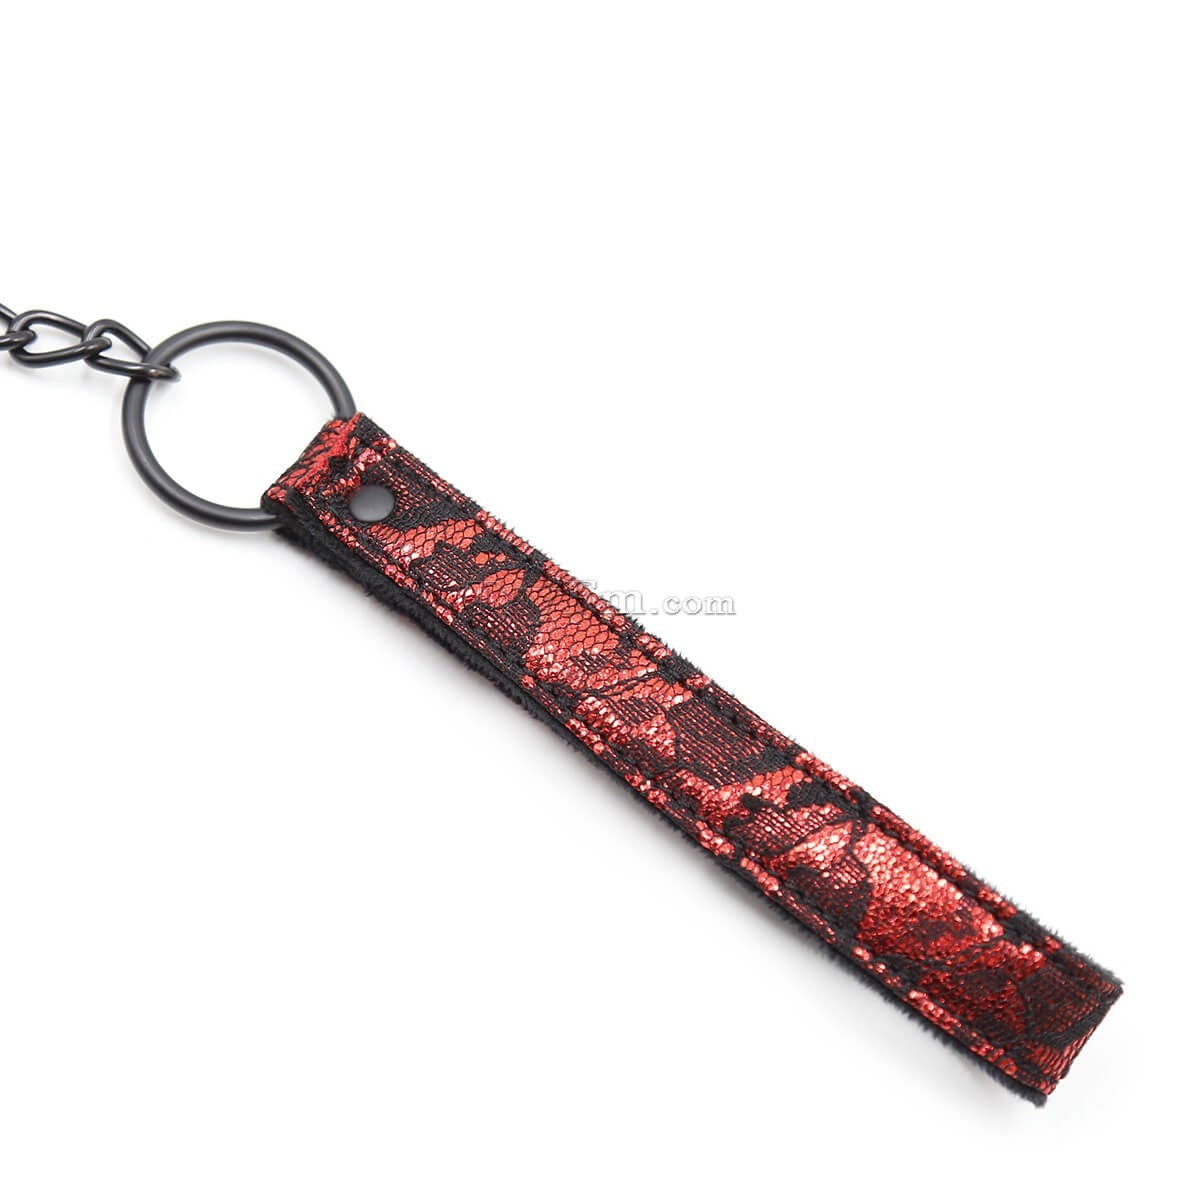 7-lace-kinky-set-red4.jpg